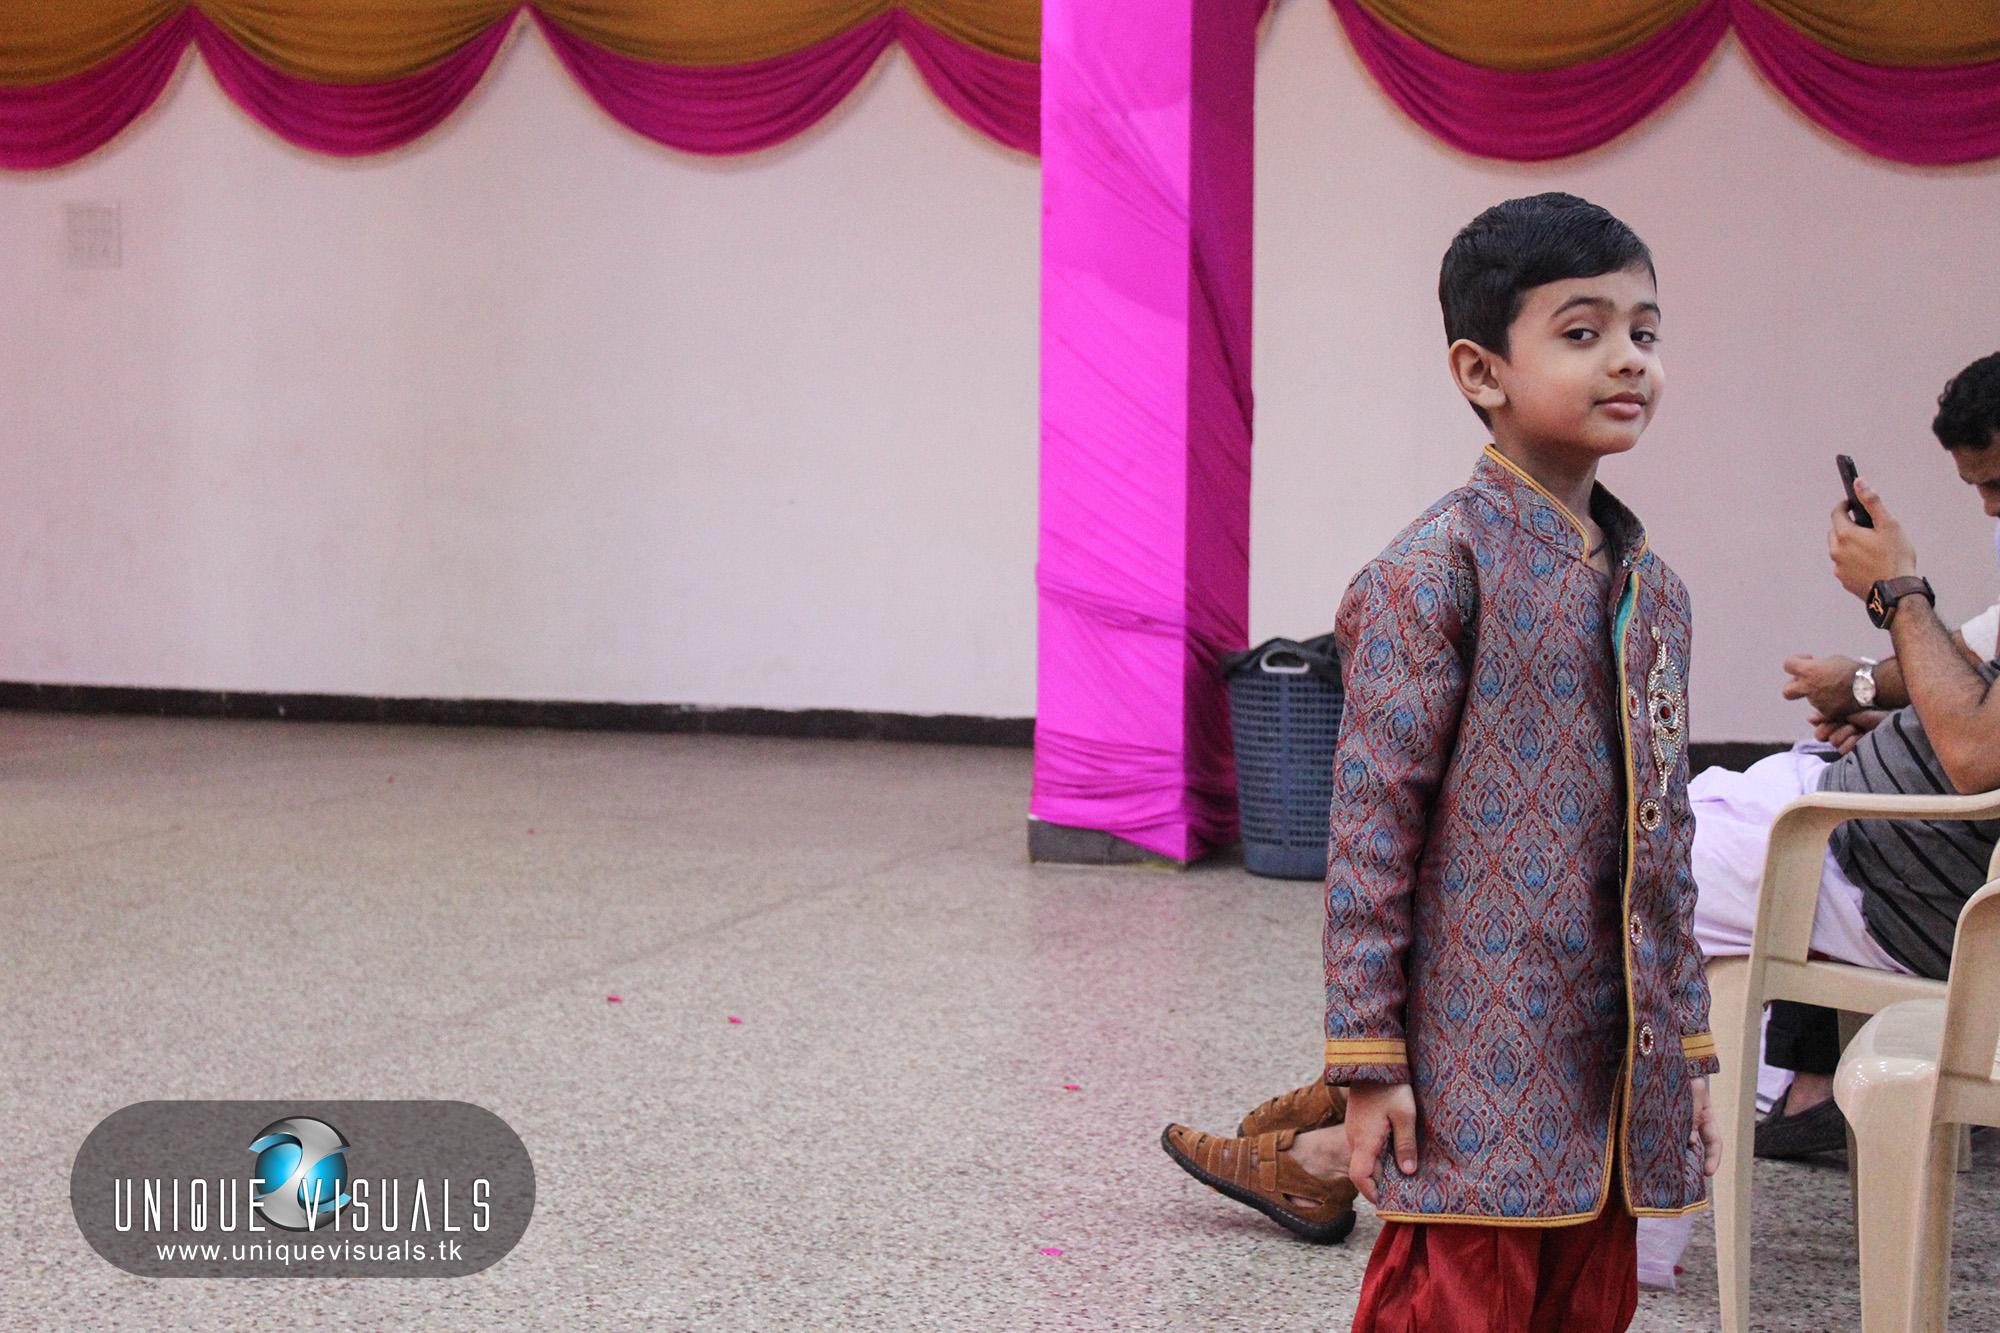 Wedding Tradional Photography